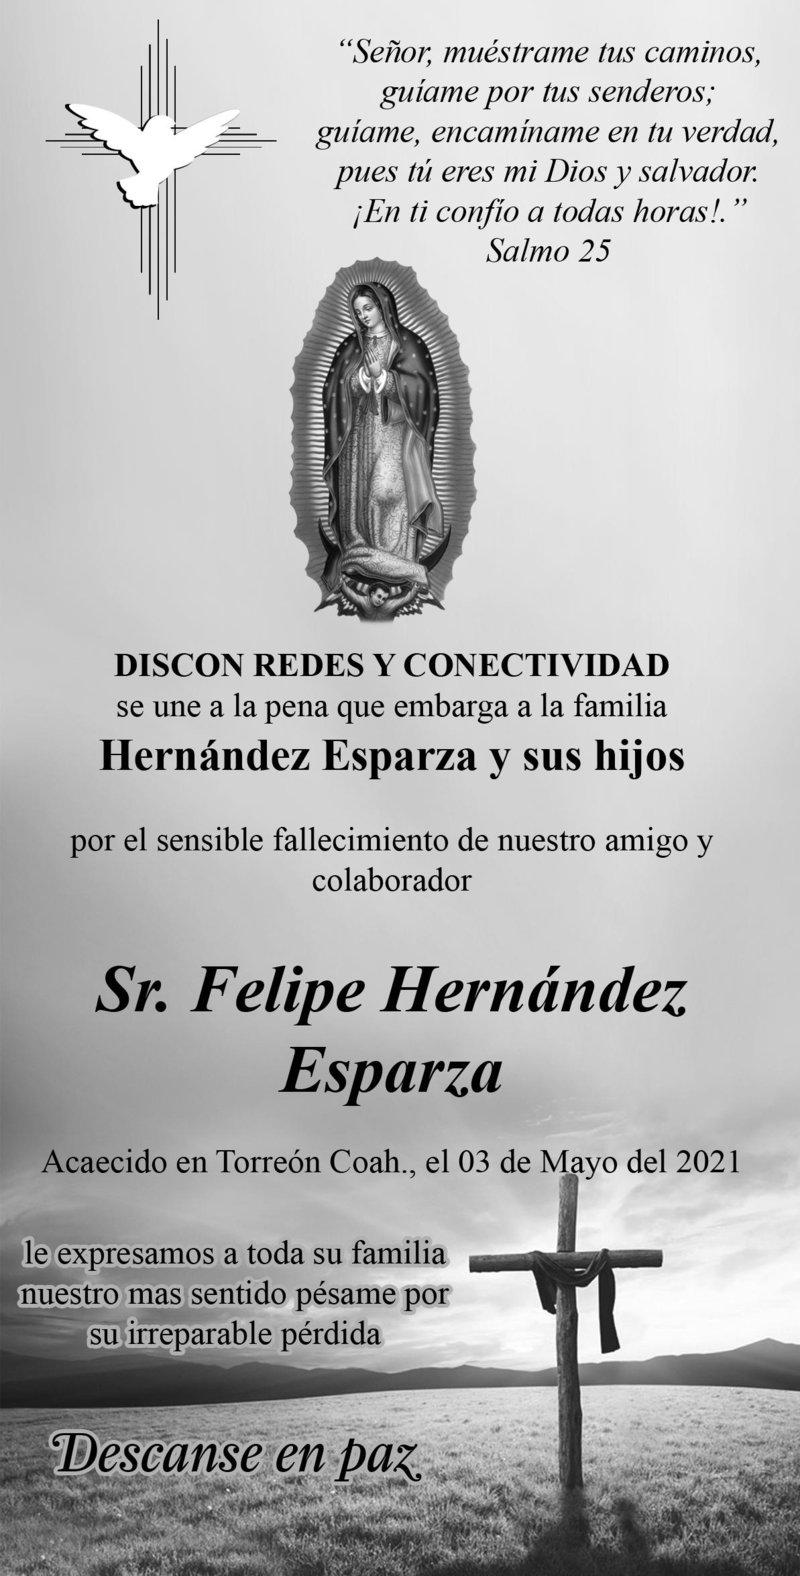 CONDOLENCIA: SR. FELIPE HERNÁNDEZ ESPARZA. Discon Redes y Conectividad se une a la pena que embarga a la familia Hernández Esparza por el fallecimiento de su amigo y colaborador, el Sr. Felipe Hernández Esparza. Descanse en paz.